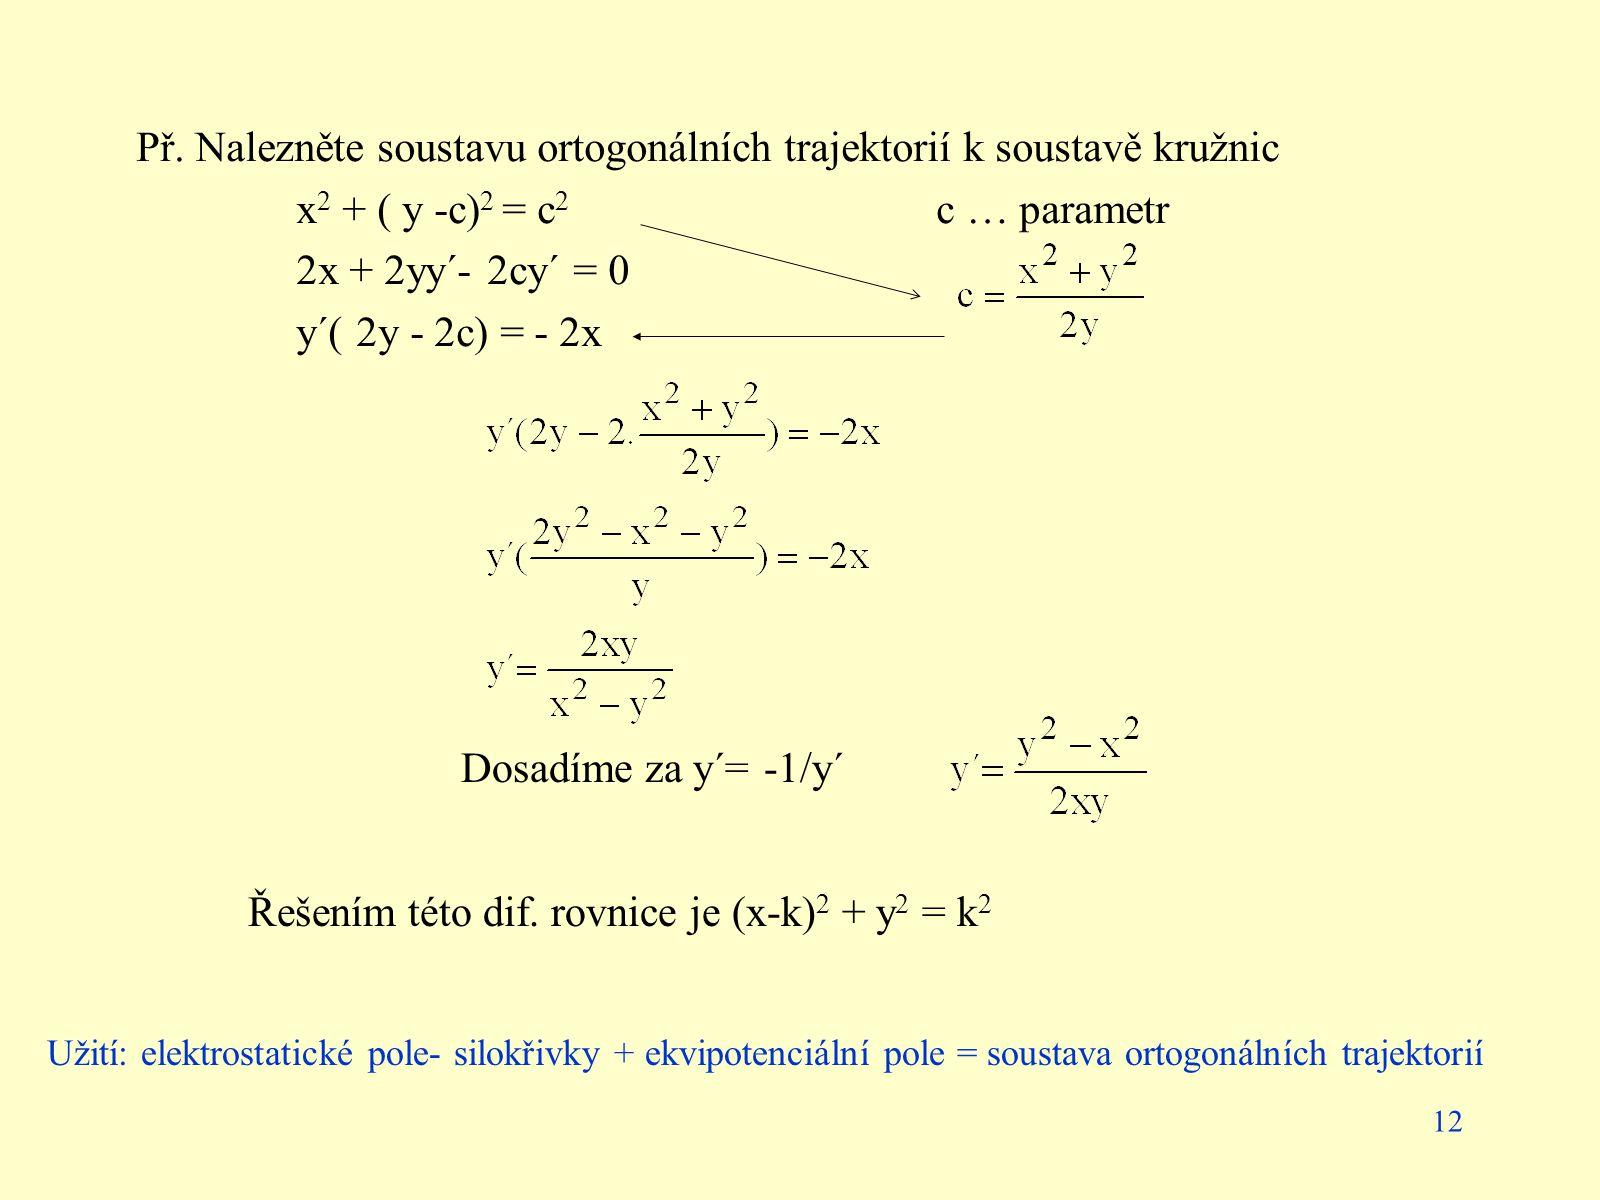 Př. Nalezněte soustavu ortogonálních trajektorií k soustavě kružnic